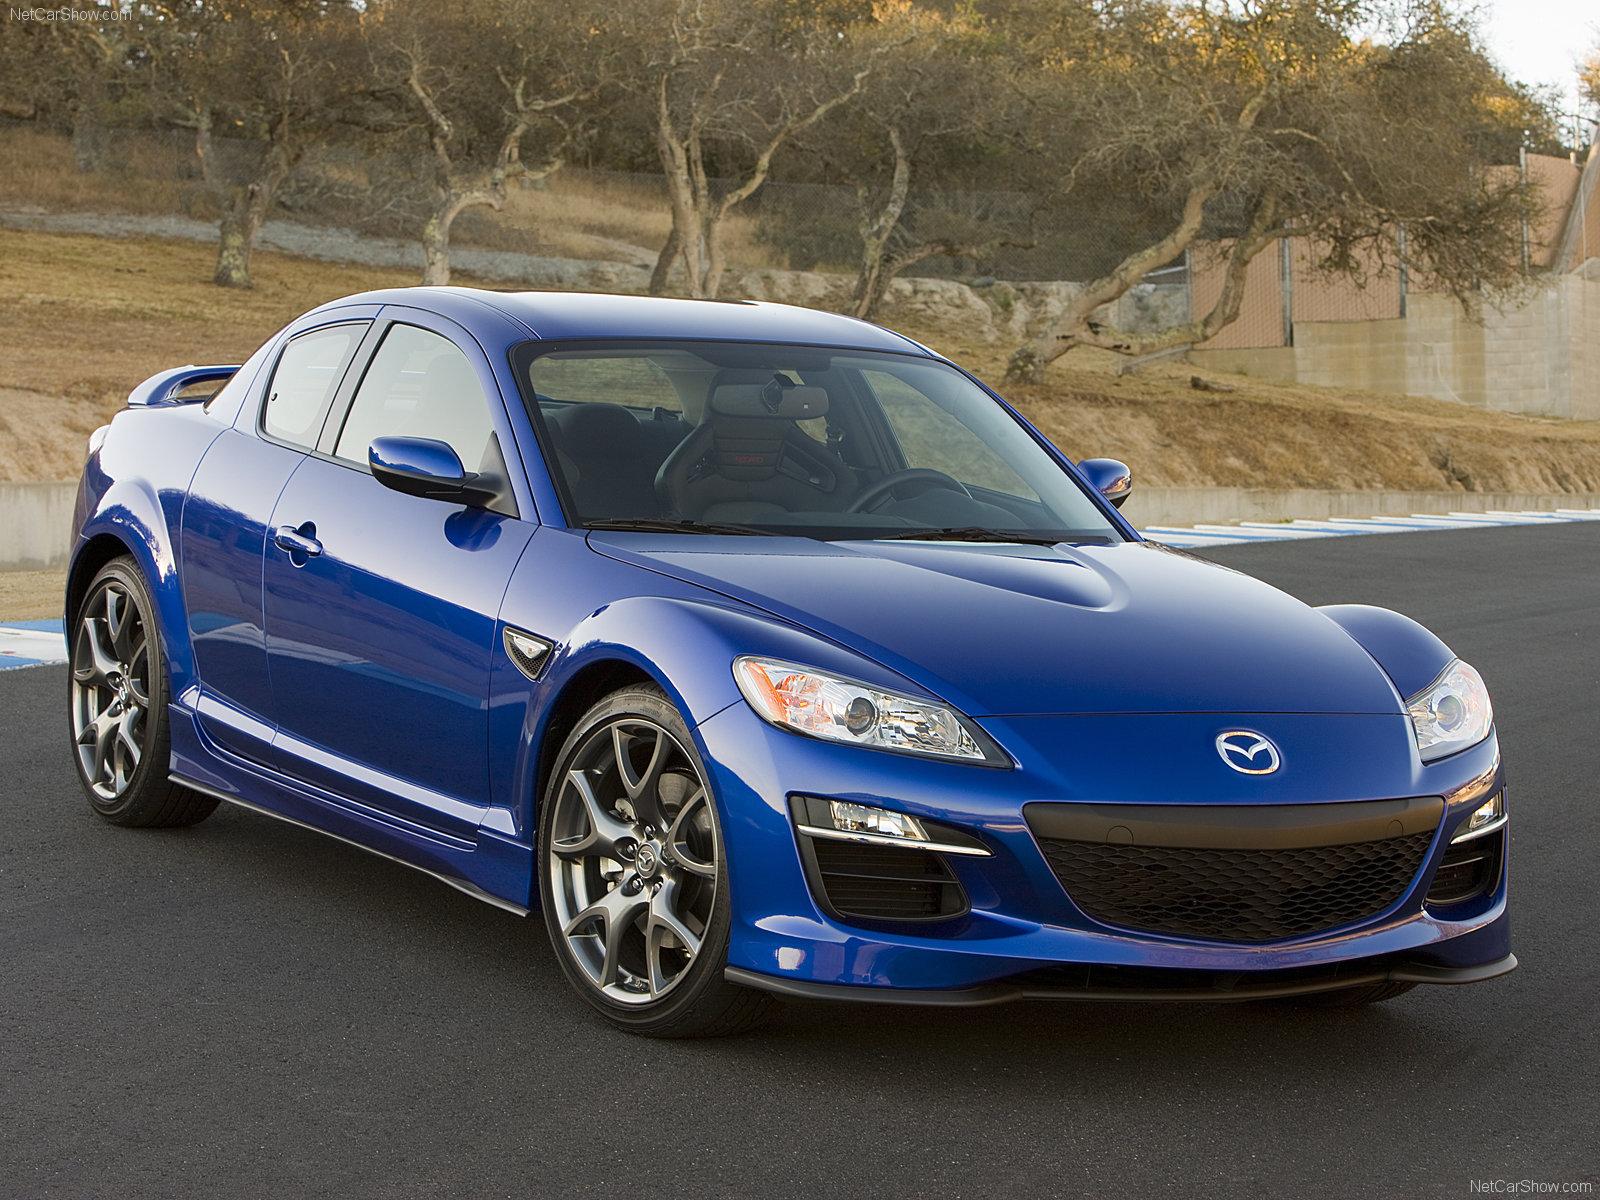 http://3.bp.blogspot.com/_yCG5d1OUXw0/TVJdfdh1kUI/AAAAAAAAAw8/DWH_kgF3e2k/s1600/Mazda-RX-8_2009_1600x1200_wallpaper_01.jpg